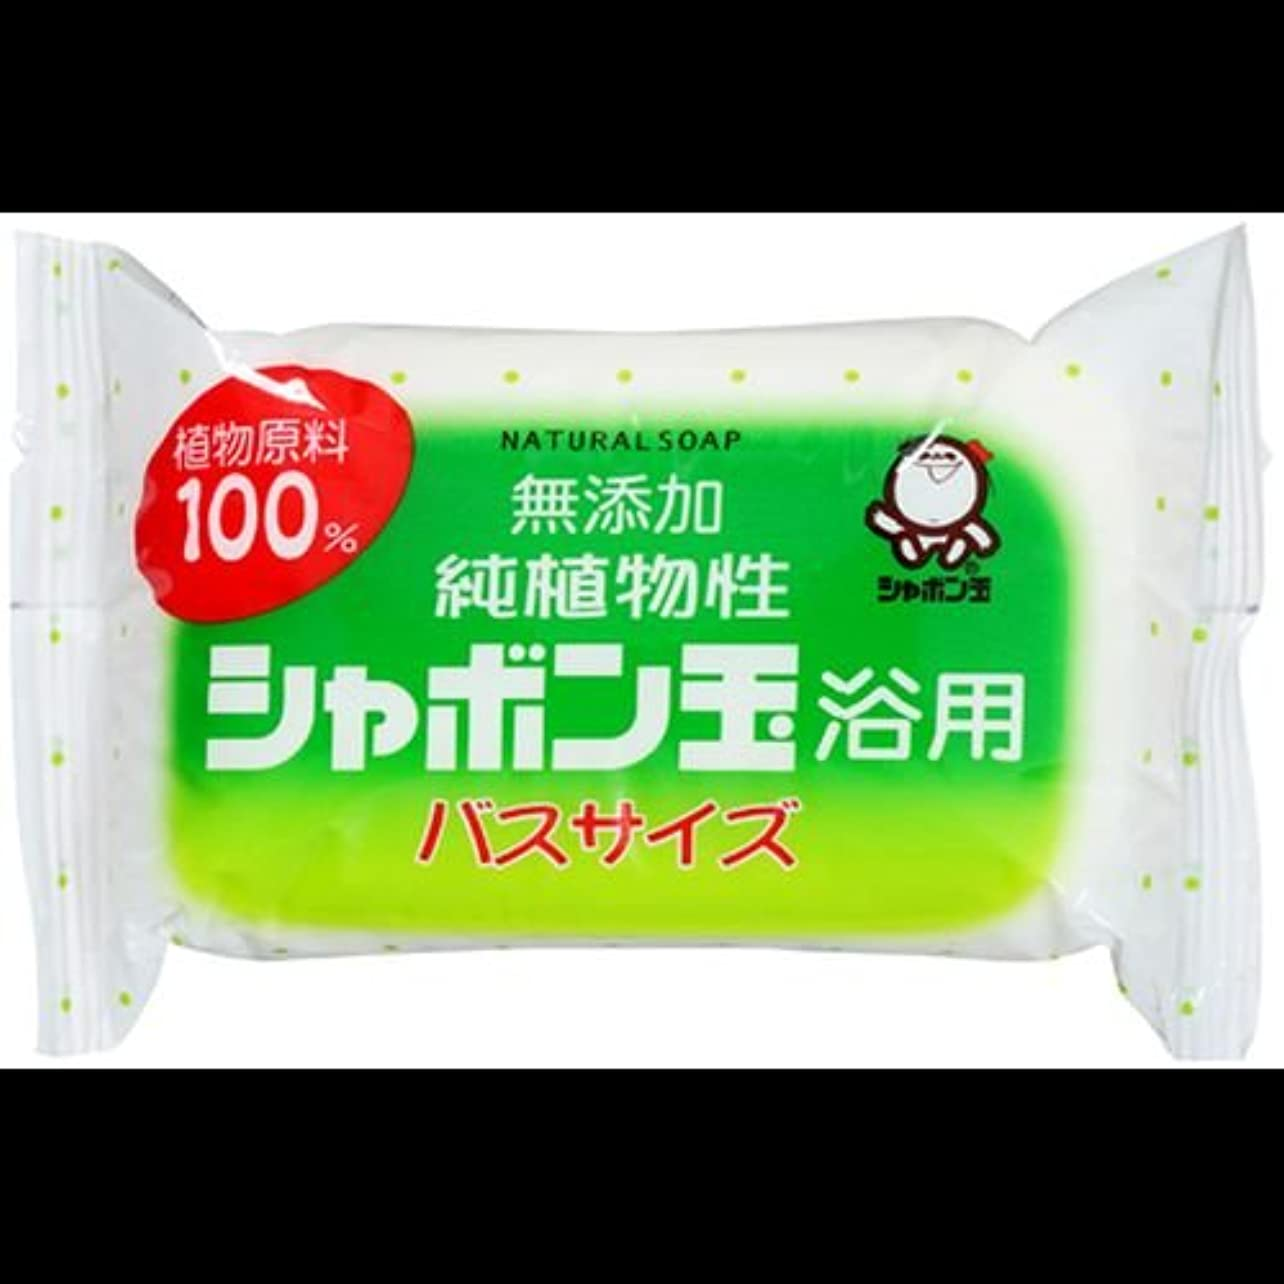 報いる絶滅ご近所【まとめ買い】純植物性シャボン玉 浴用 バスサイズ155g ×2セット